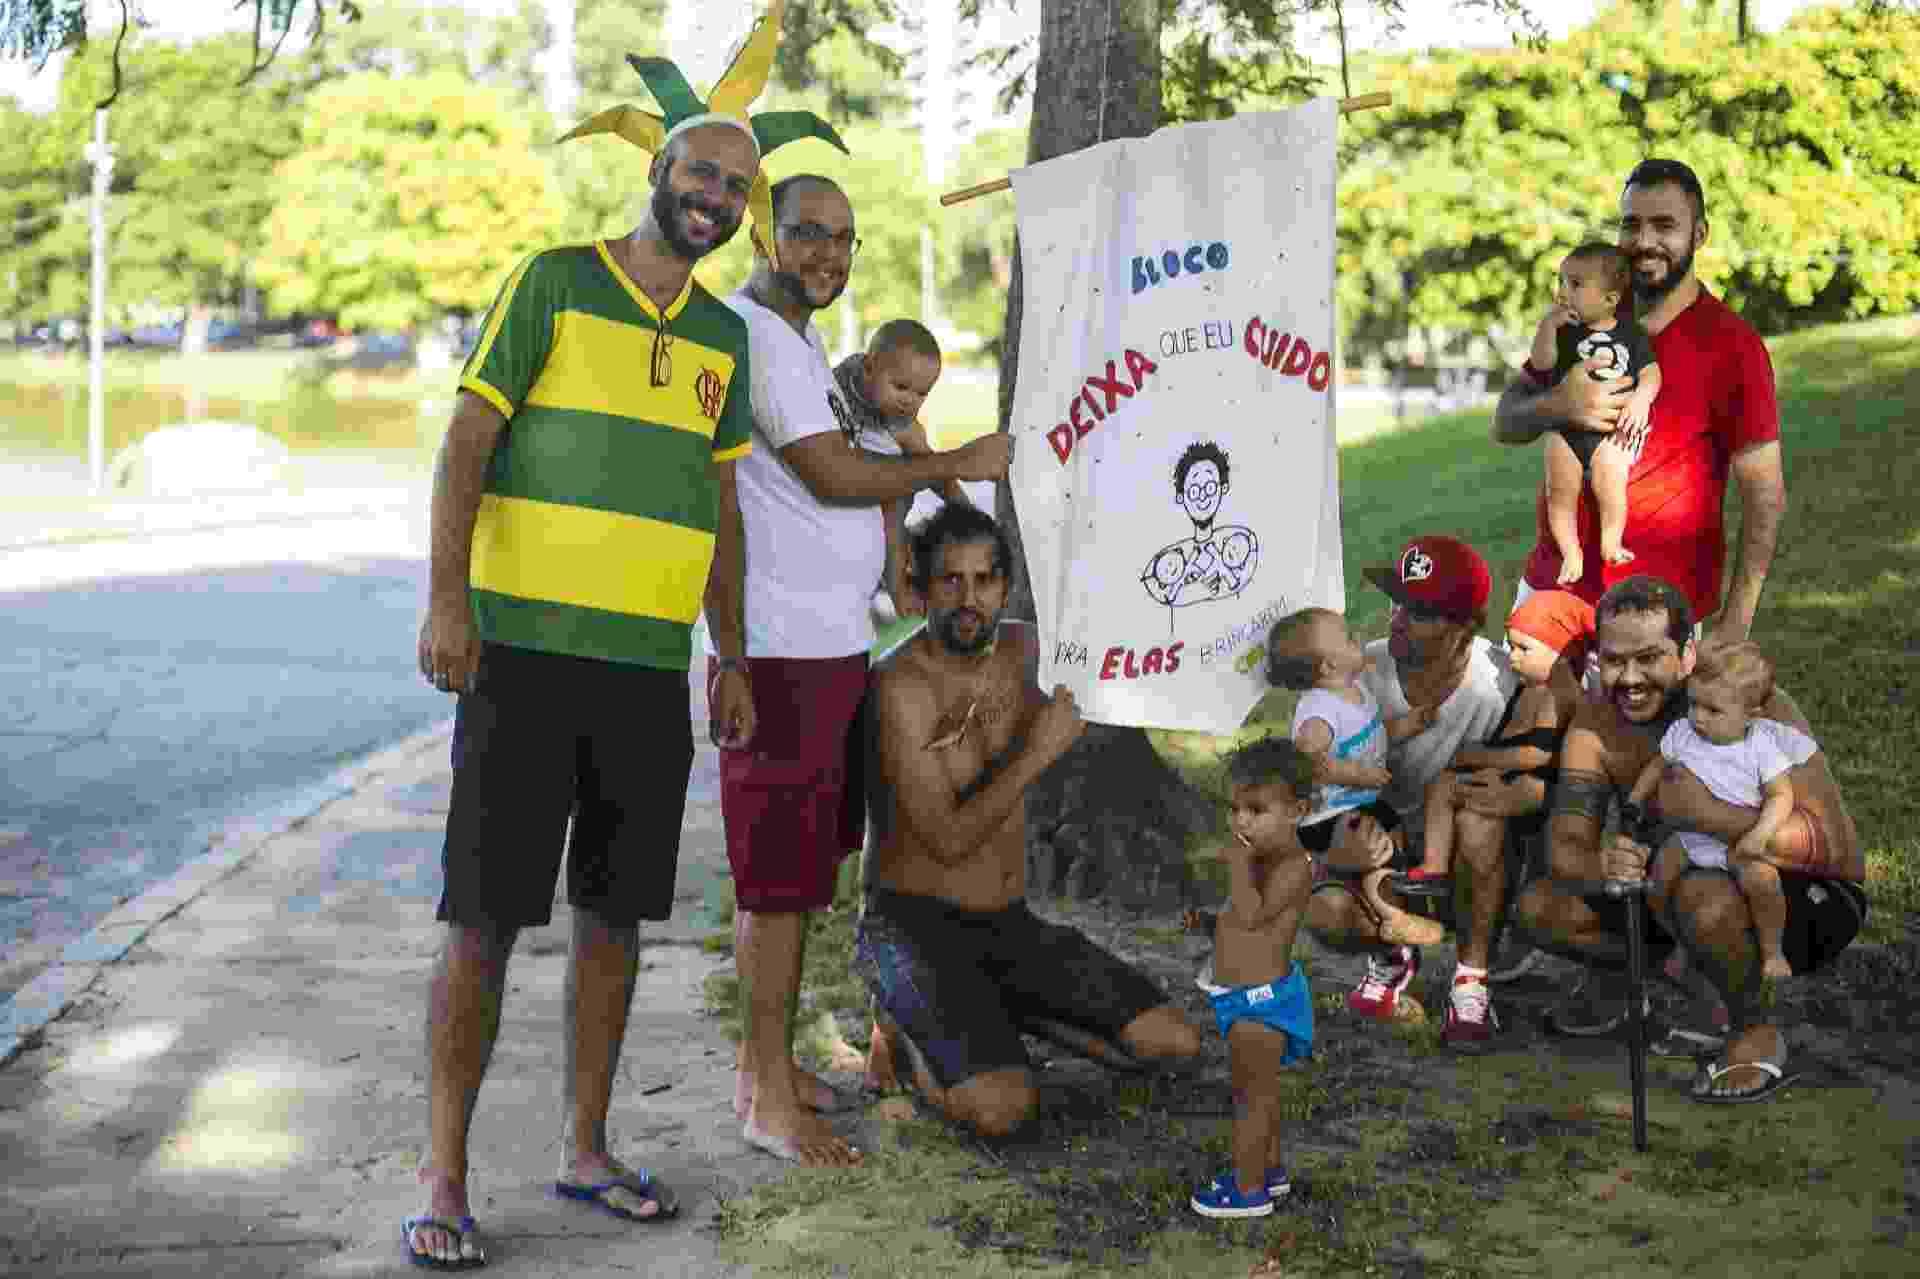 Pais se reúnem no bloco Deixa que eu Cuido, na Quinta da Boa Vista, no Rio de Janeiro - Bruna Prado/UOL